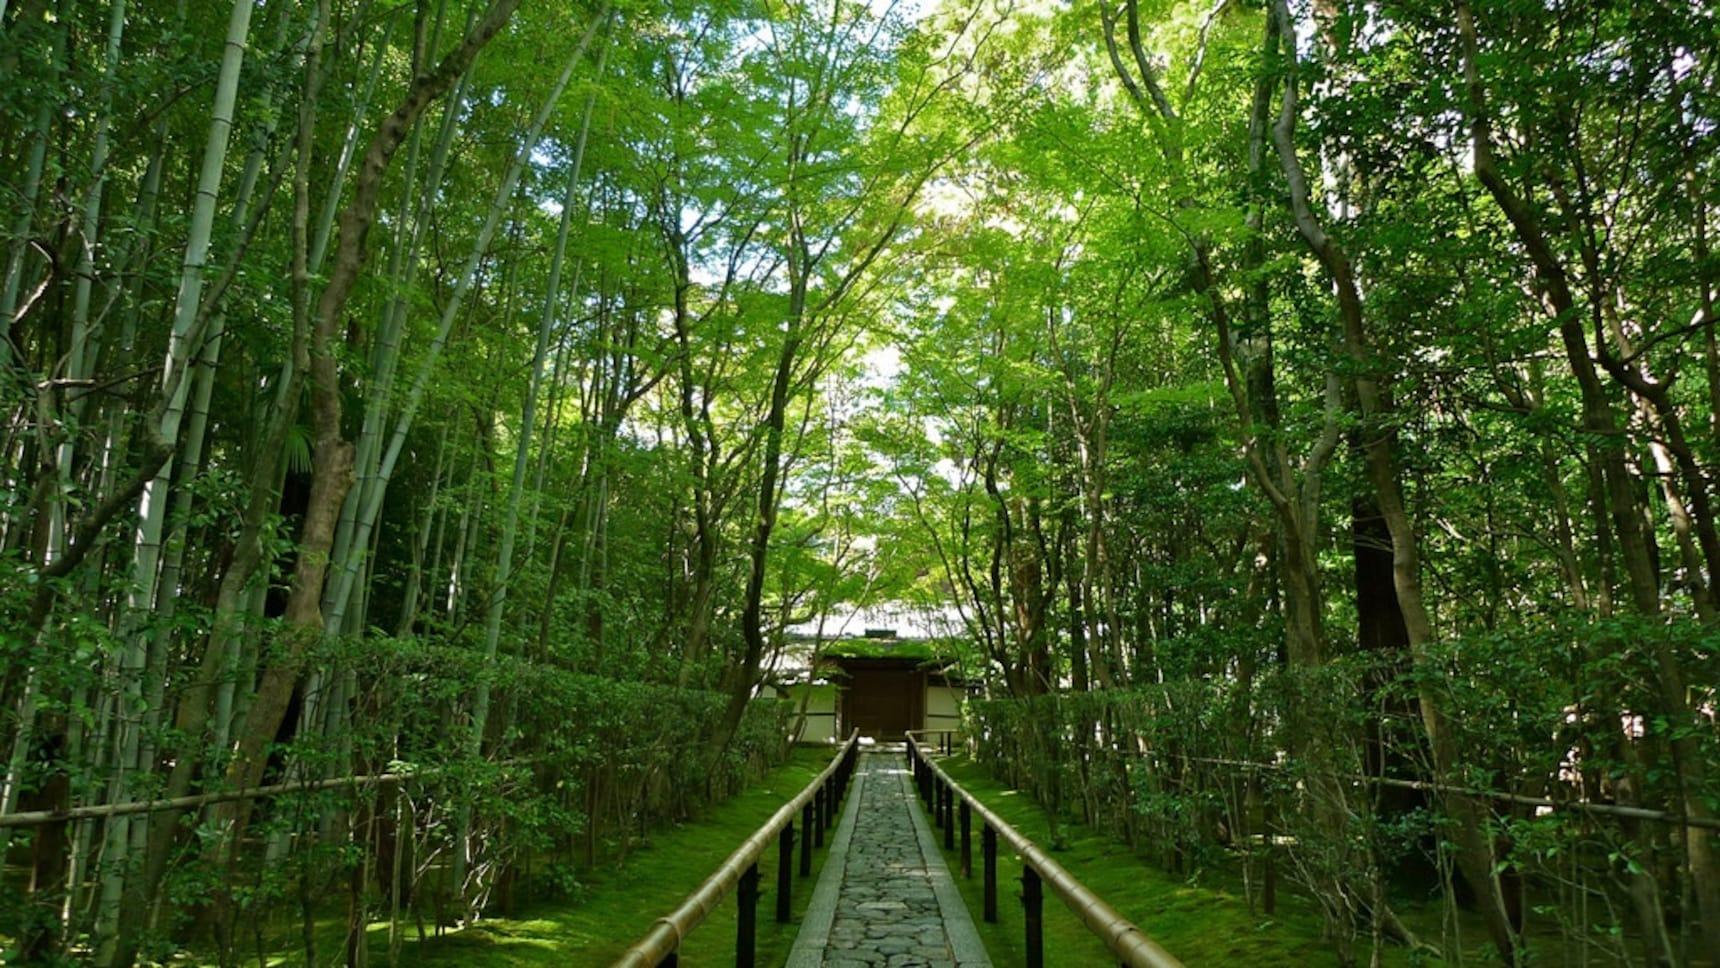 5 ที่เที่ยวลับๆ ในเกียวโตที่อยากให้คุณรู้จัก